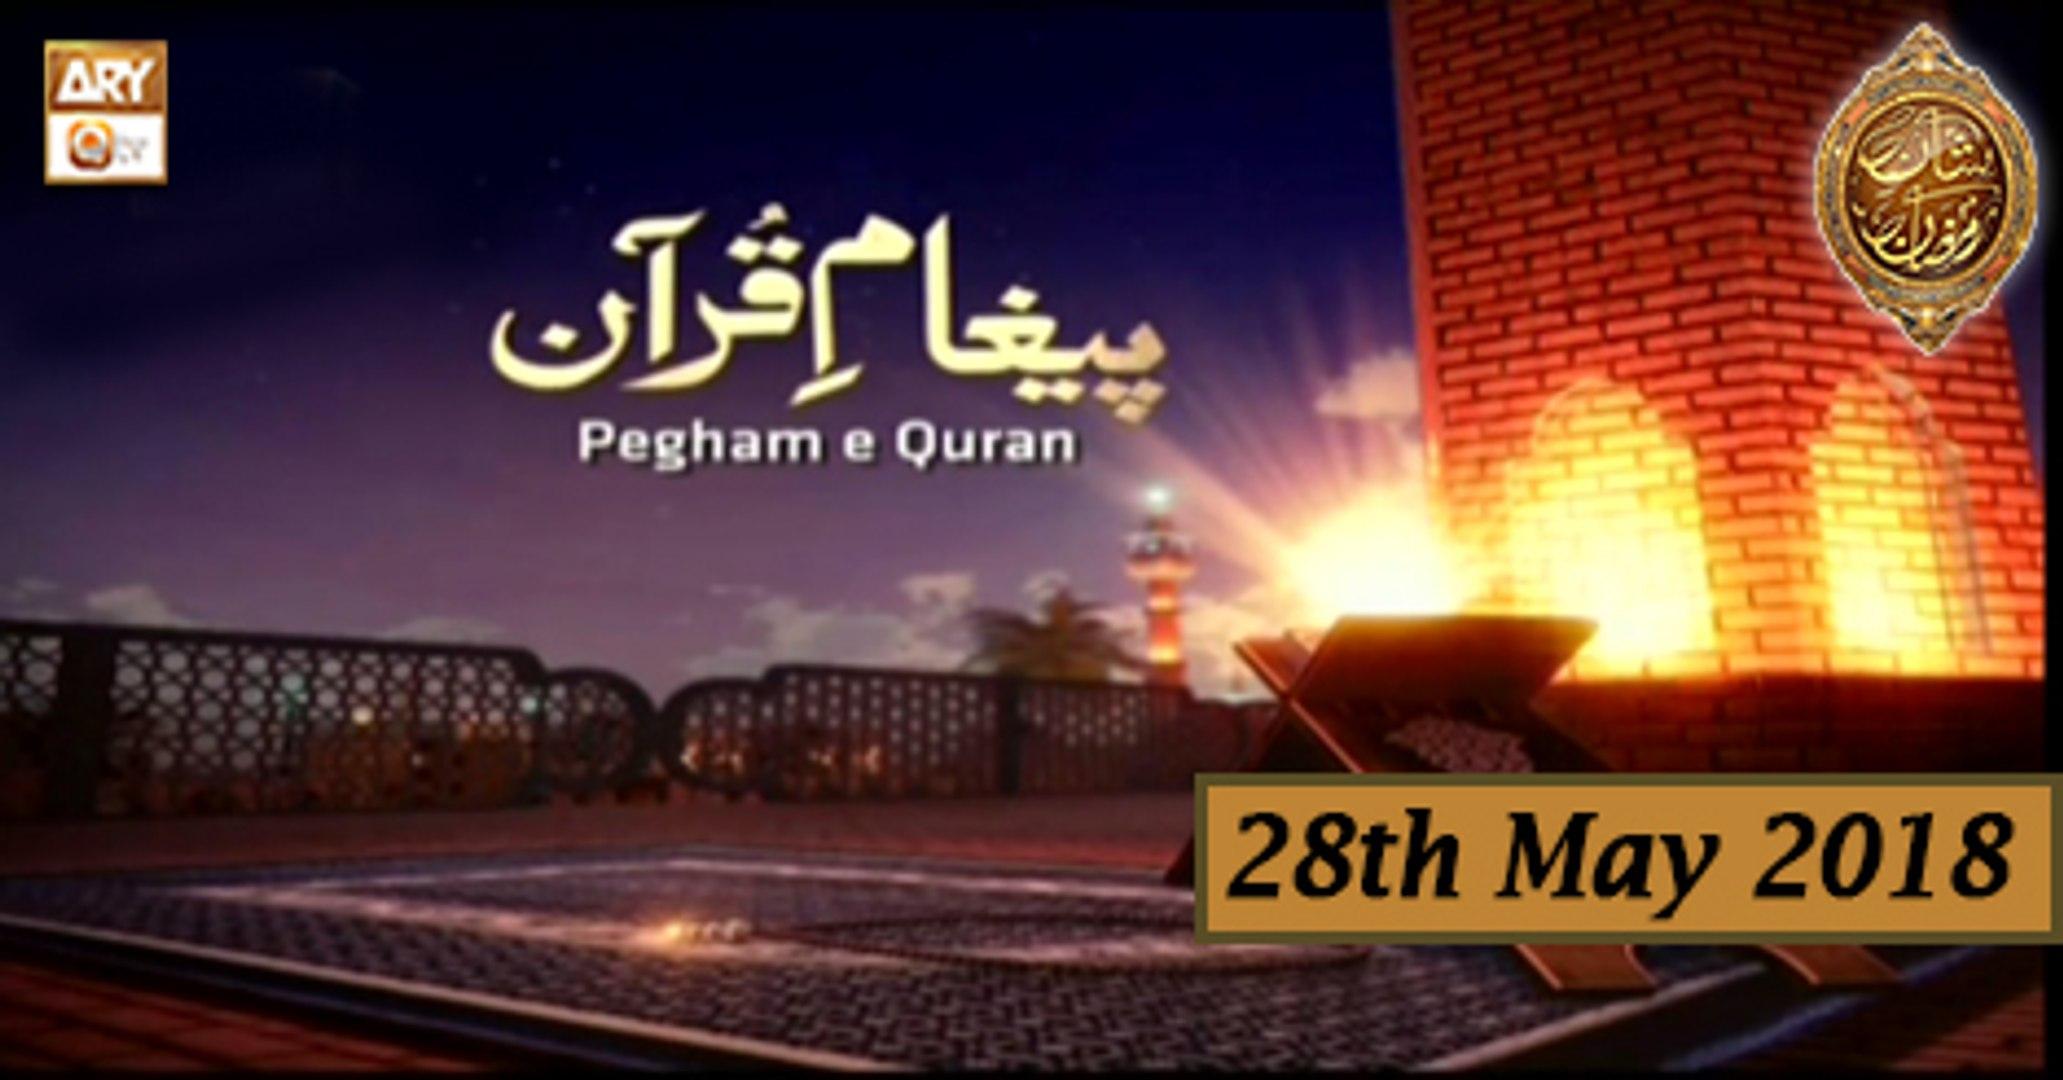 Paigham e Quran - 28th May 2018 - ARY Qtv